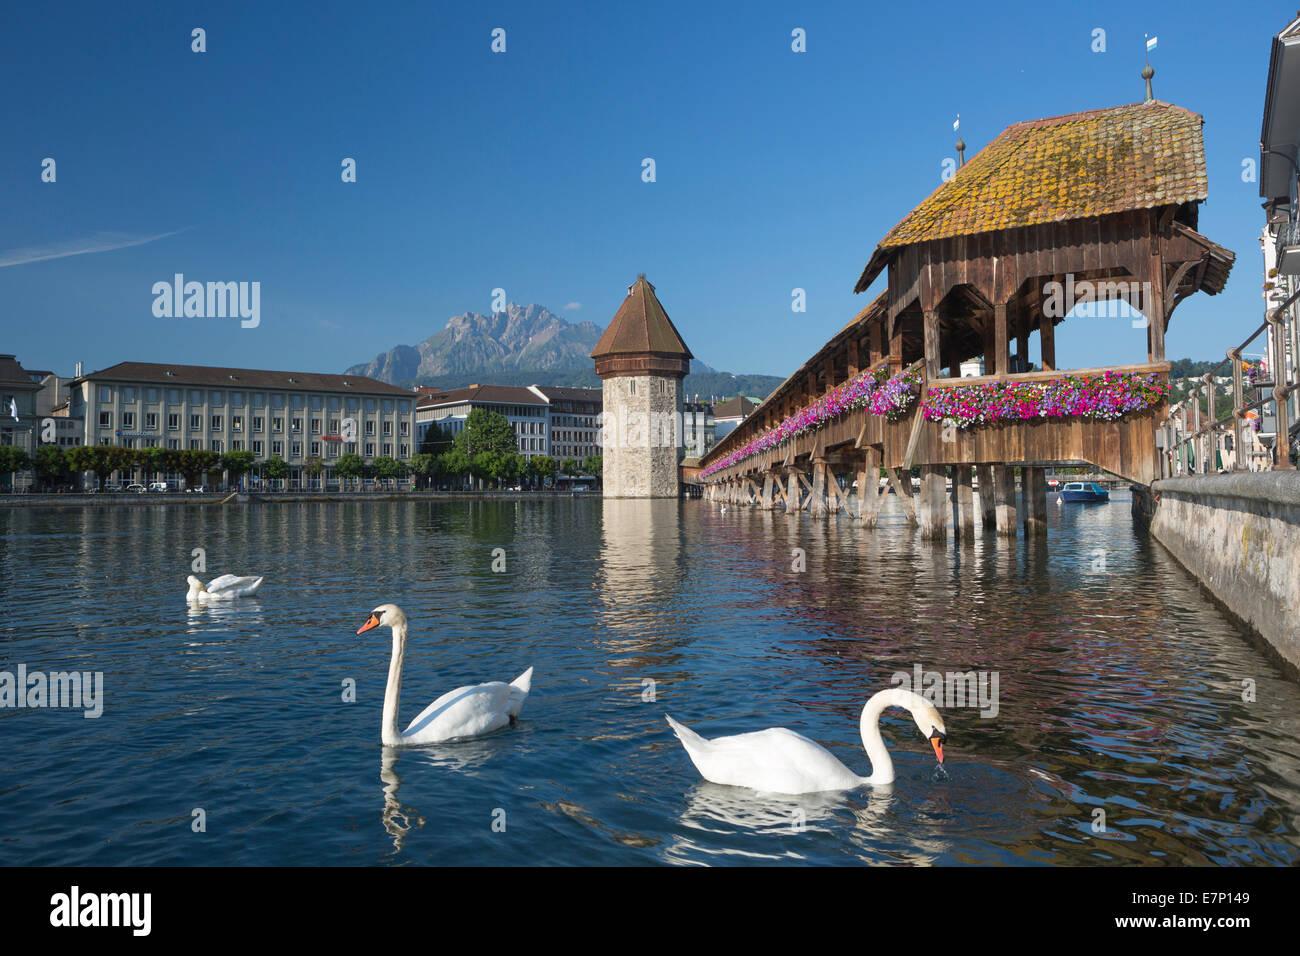 world heritage, Lucerne, Switzerland, Europe, architecture, bridge, chapel, city, famous, lake, cityscape, Pilatus, - Stock Image